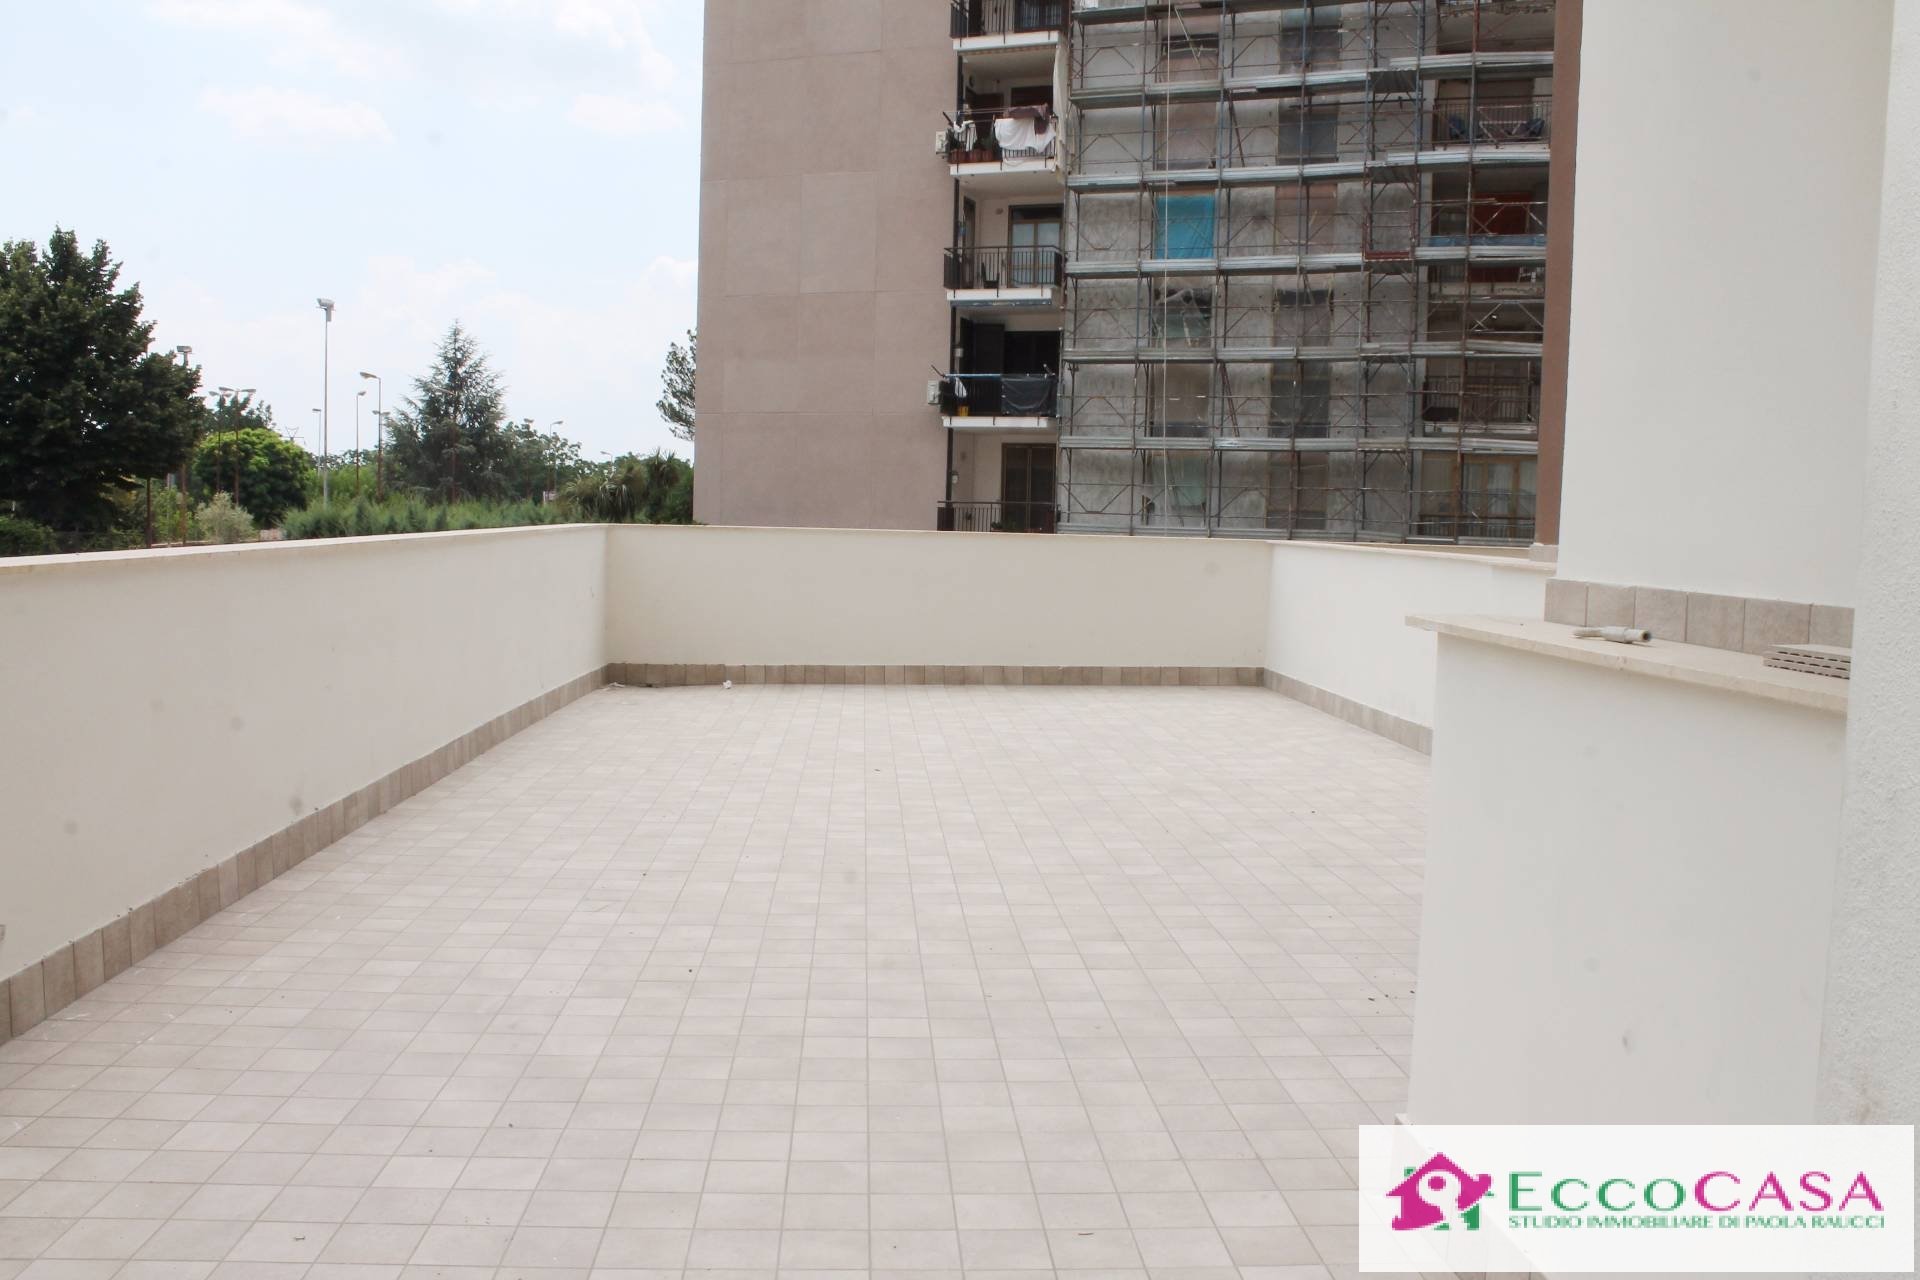 Appartamento in vendita a Maddaloni, 3 locali, prezzo € 147.000 | CambioCasa.it